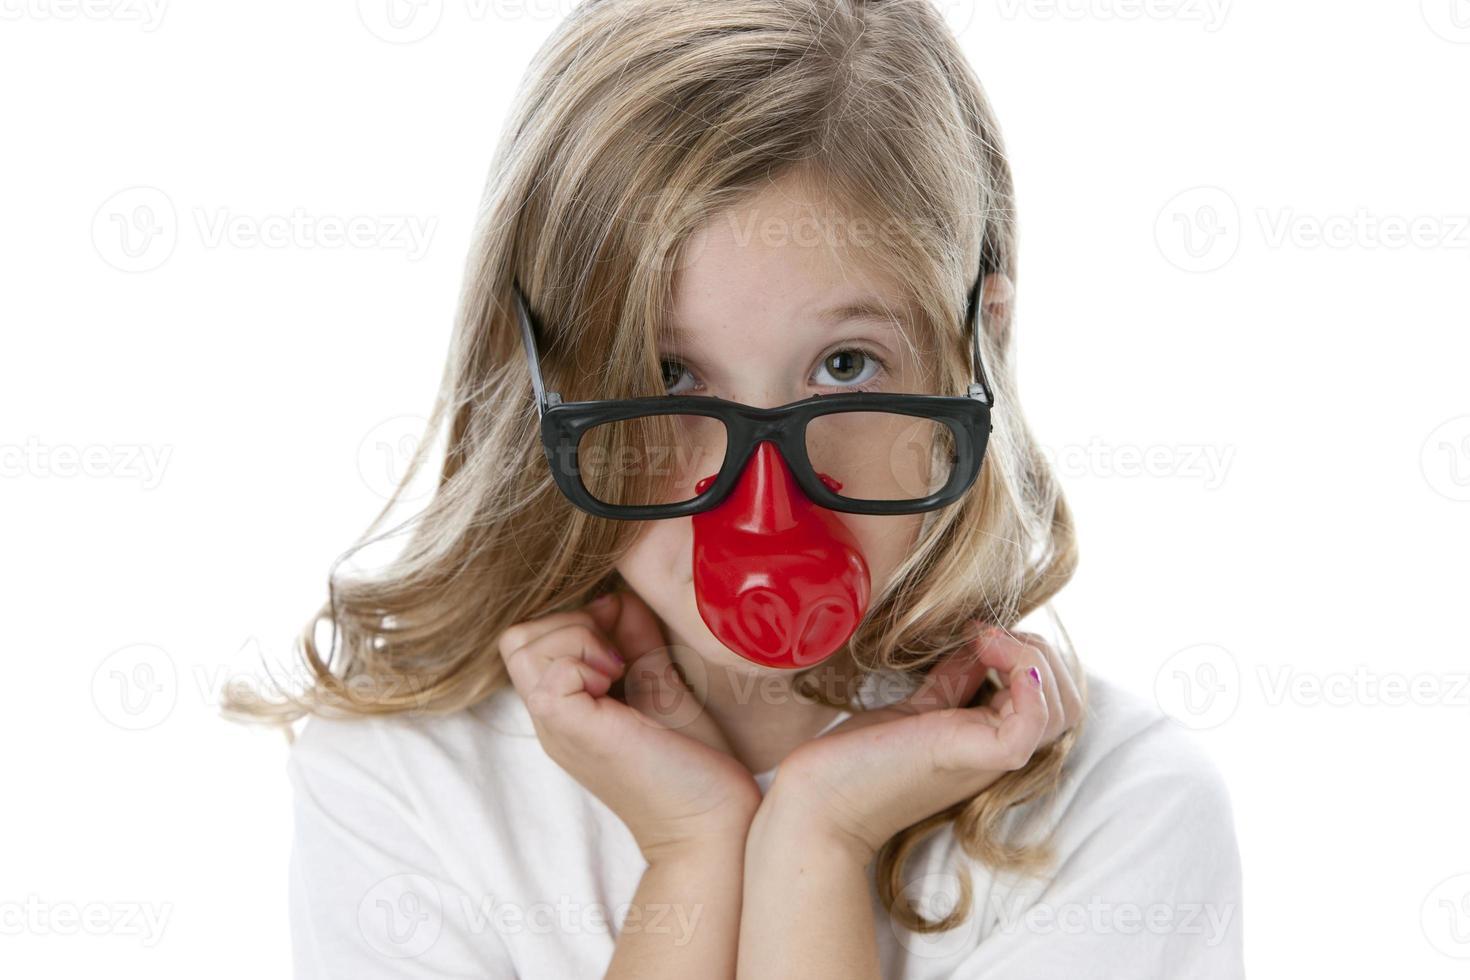 echte Menschen: Kopf Schultern kaukasische kleine Mädchen dumme Brille foto